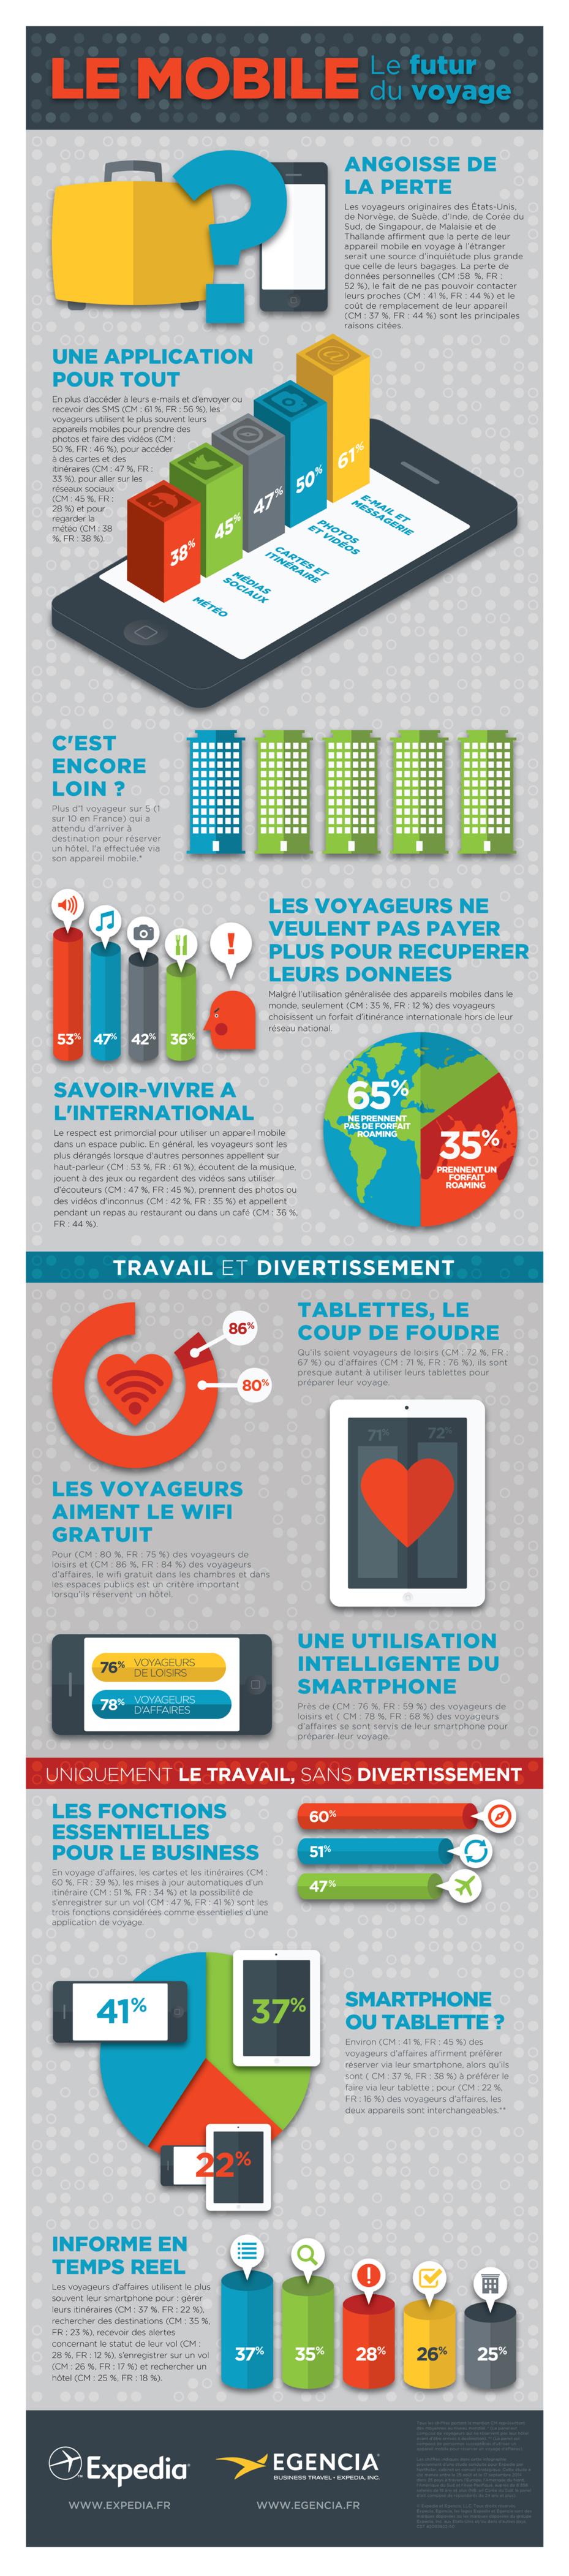 Expedia : 15% de réservations effectuées sur les appareils mobiles